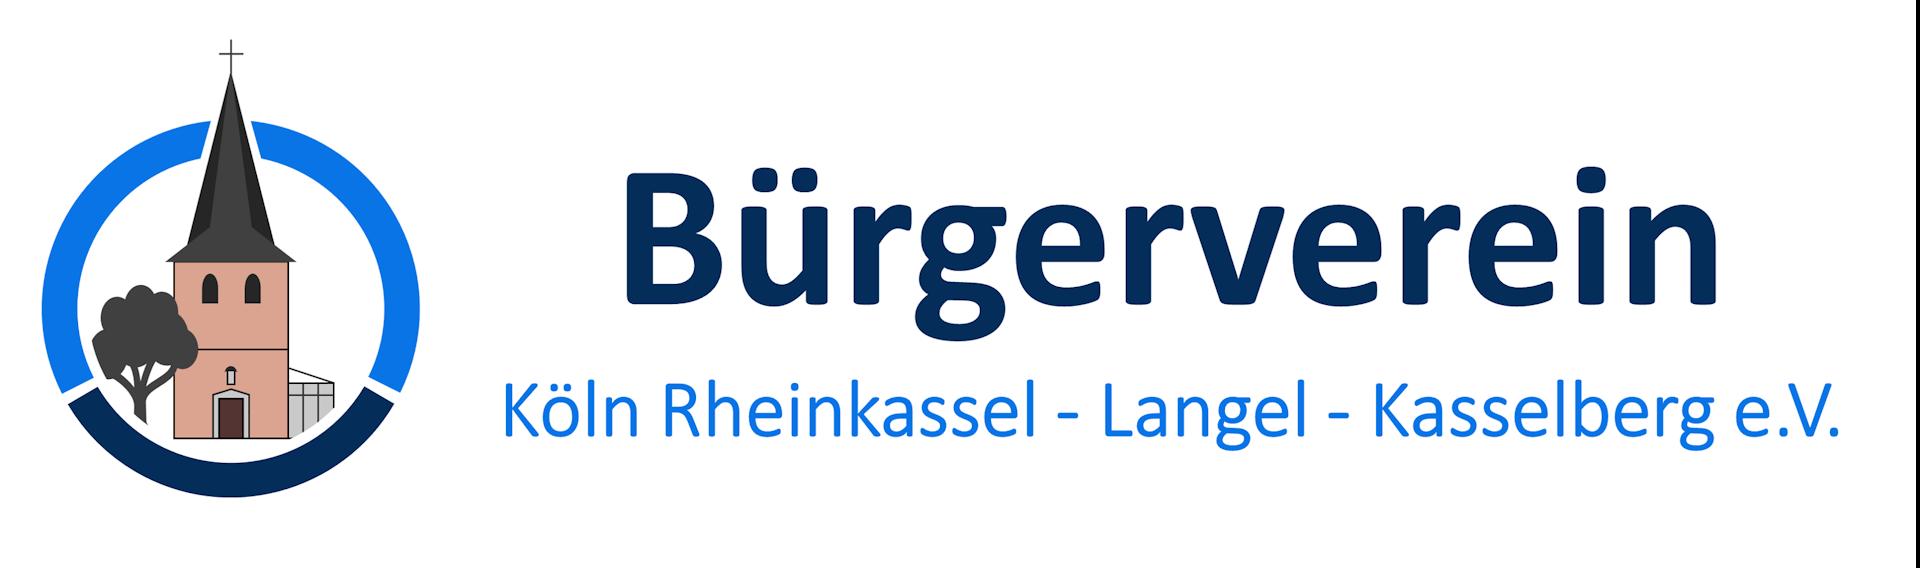 Logo mit Text in Groß Bürgerverein RheiLaKa